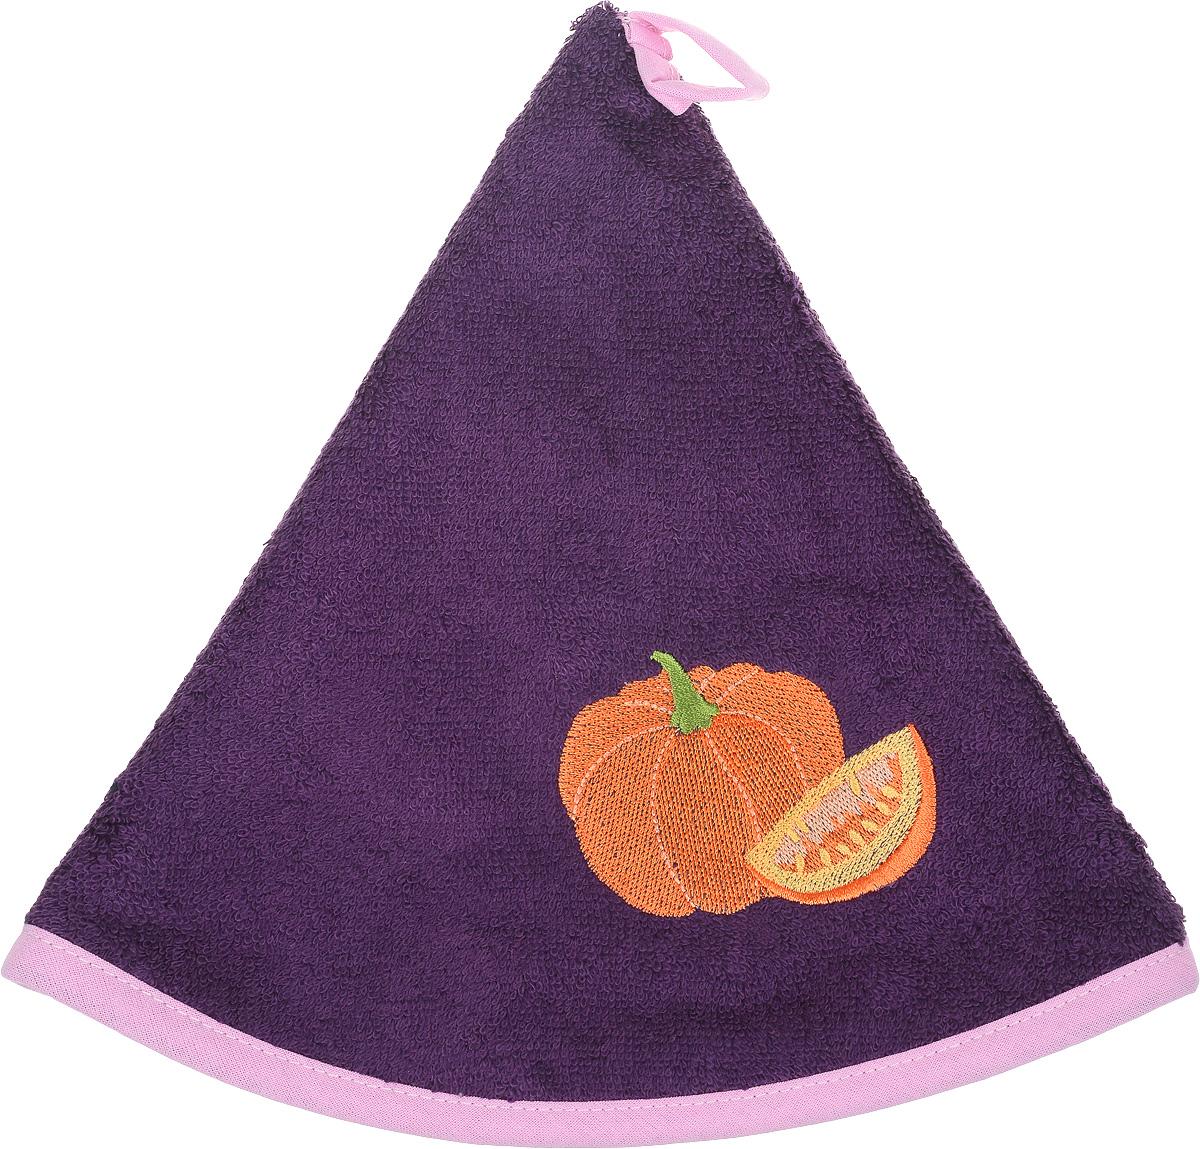 Полотенце кухонное Karna Zelina. Тыква, цвет: фиолетовый, диаметр 50 смVT-1520(SR)Круглое кухонное полотенце Karna Zelina. Тыква изготовлено из махровой ткани (100% хлопок), поэтому является экологически чистым. Качество материала гарантирует безопасность не только взрослым, но и самым маленьким членам семьи. Изделие мягкое и пушистое, оснащено удобной петелькой и украшено оригинальной вышивкой. Полотенце хорошо впитывает влагу, легко стирается в стиральной машине и обладает высокой износоустойчивостью. Кухонное полотенце Karna сделает интерьер вашей кухни стильным и гармоничным.Диаметр полотенца: 50 см.